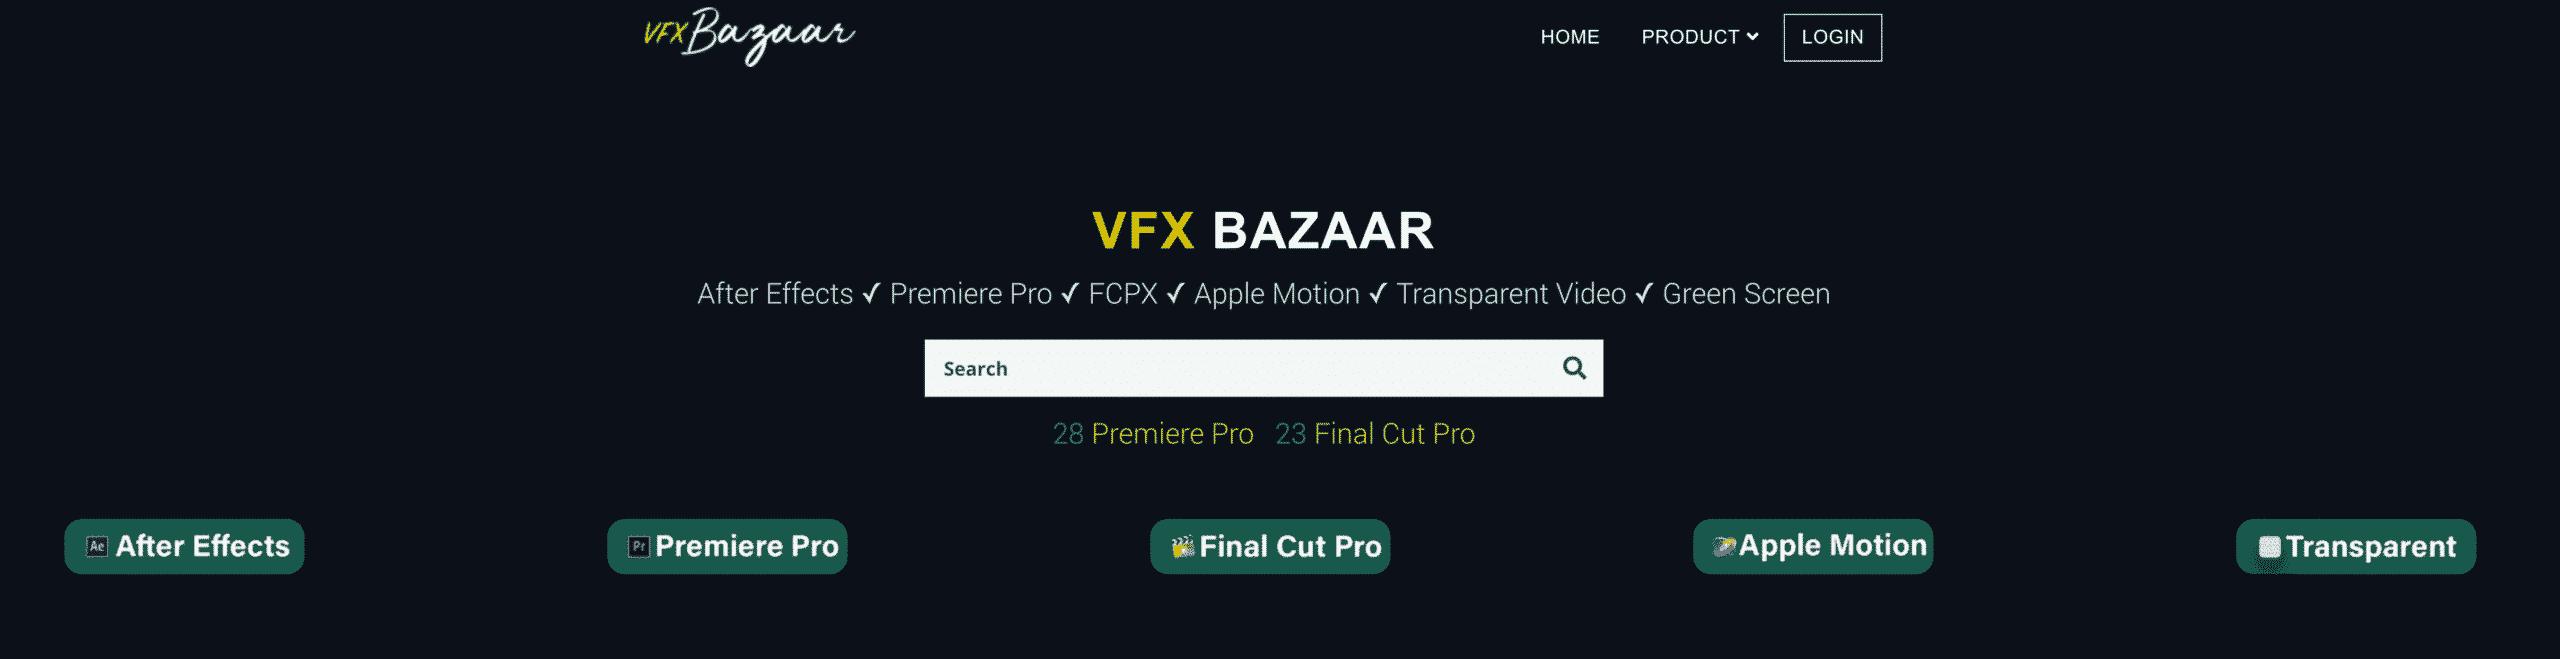 vfxbazaar.com